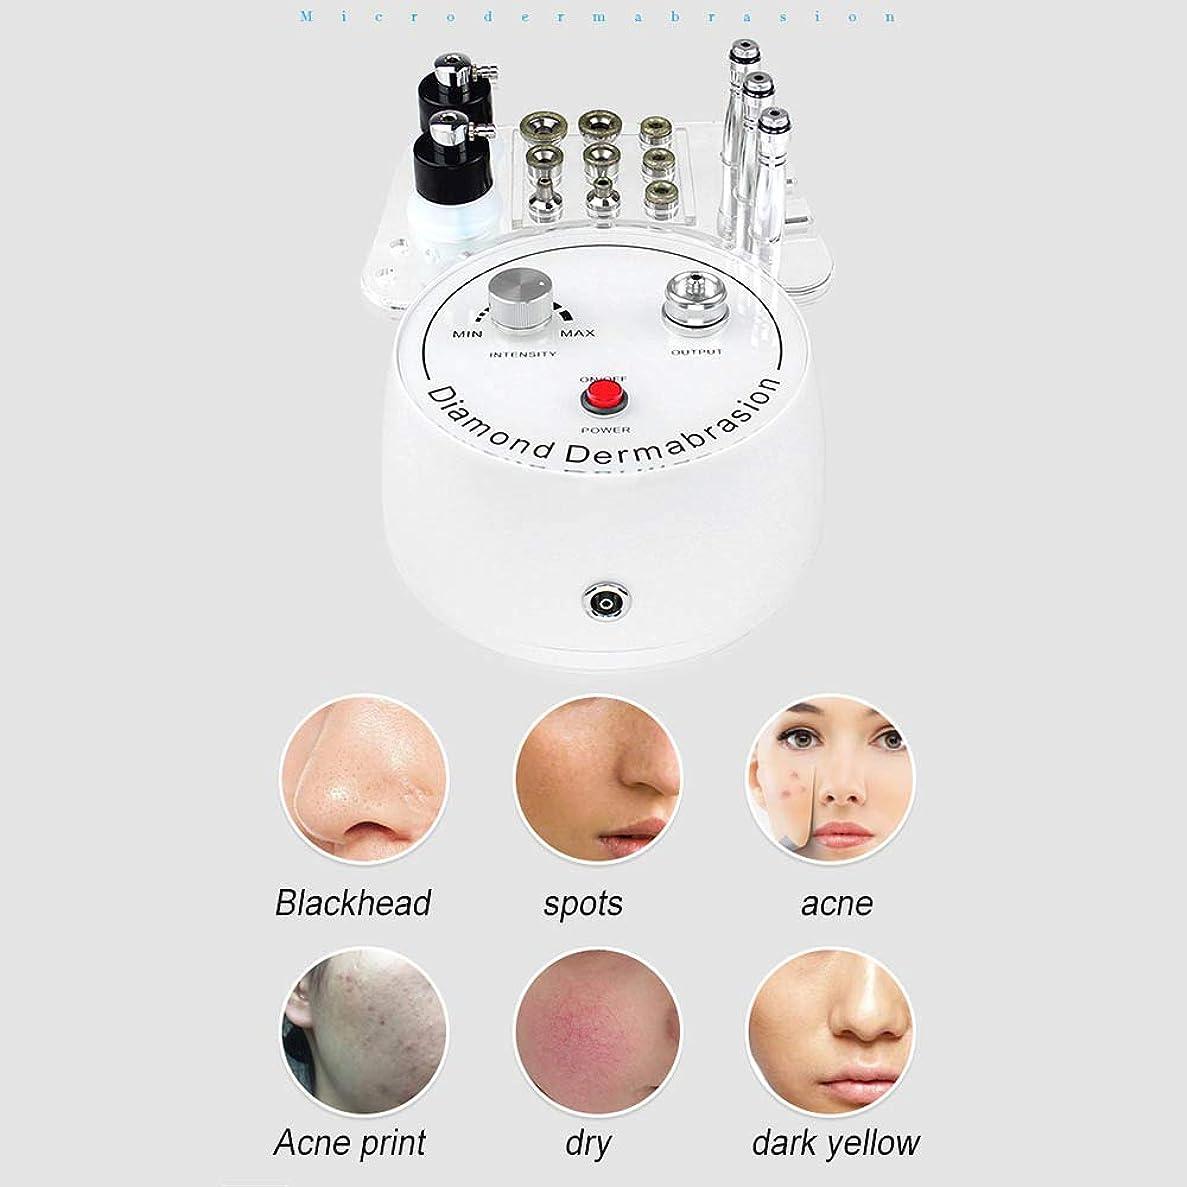 チューリップソロ敬の念個人的な家の使用のための1つのダイヤモンドのマイクロダーマブレーション機械、皮のスクラバーおよび反老化、剥離、にきびの美顔術の大広間装置に付き3つ